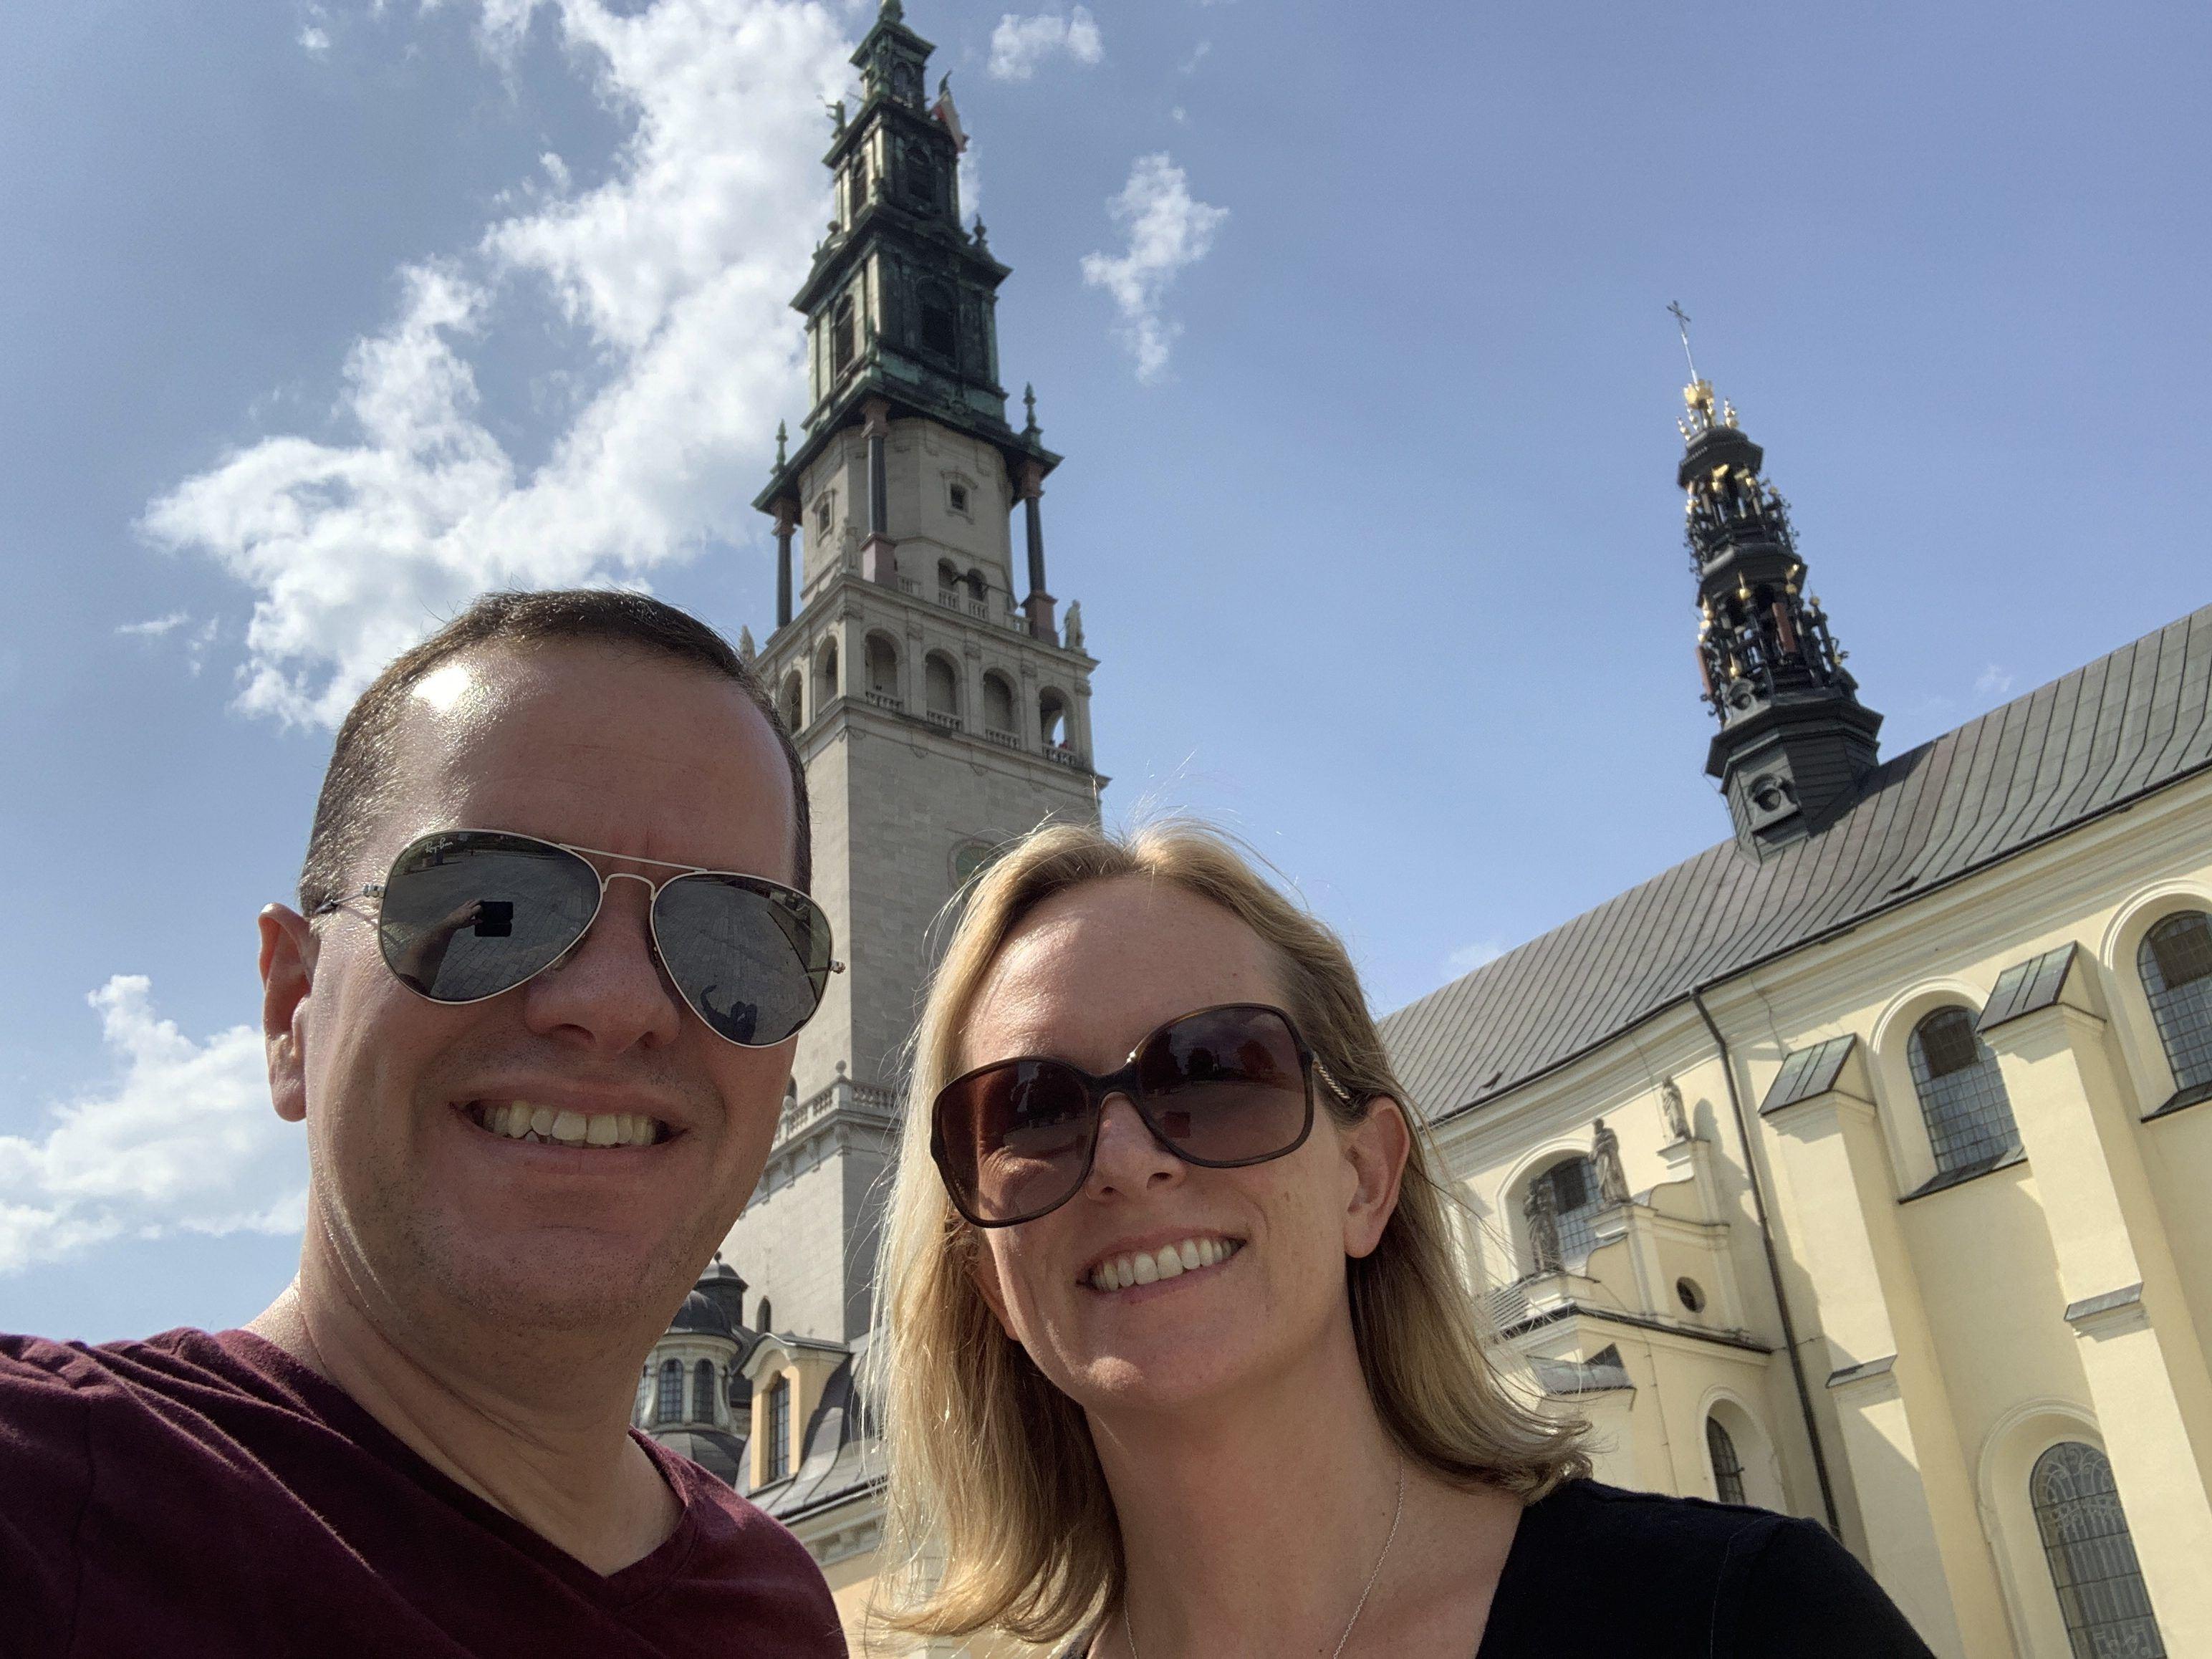 Day Trip to The Black Madonna of Częstochowa